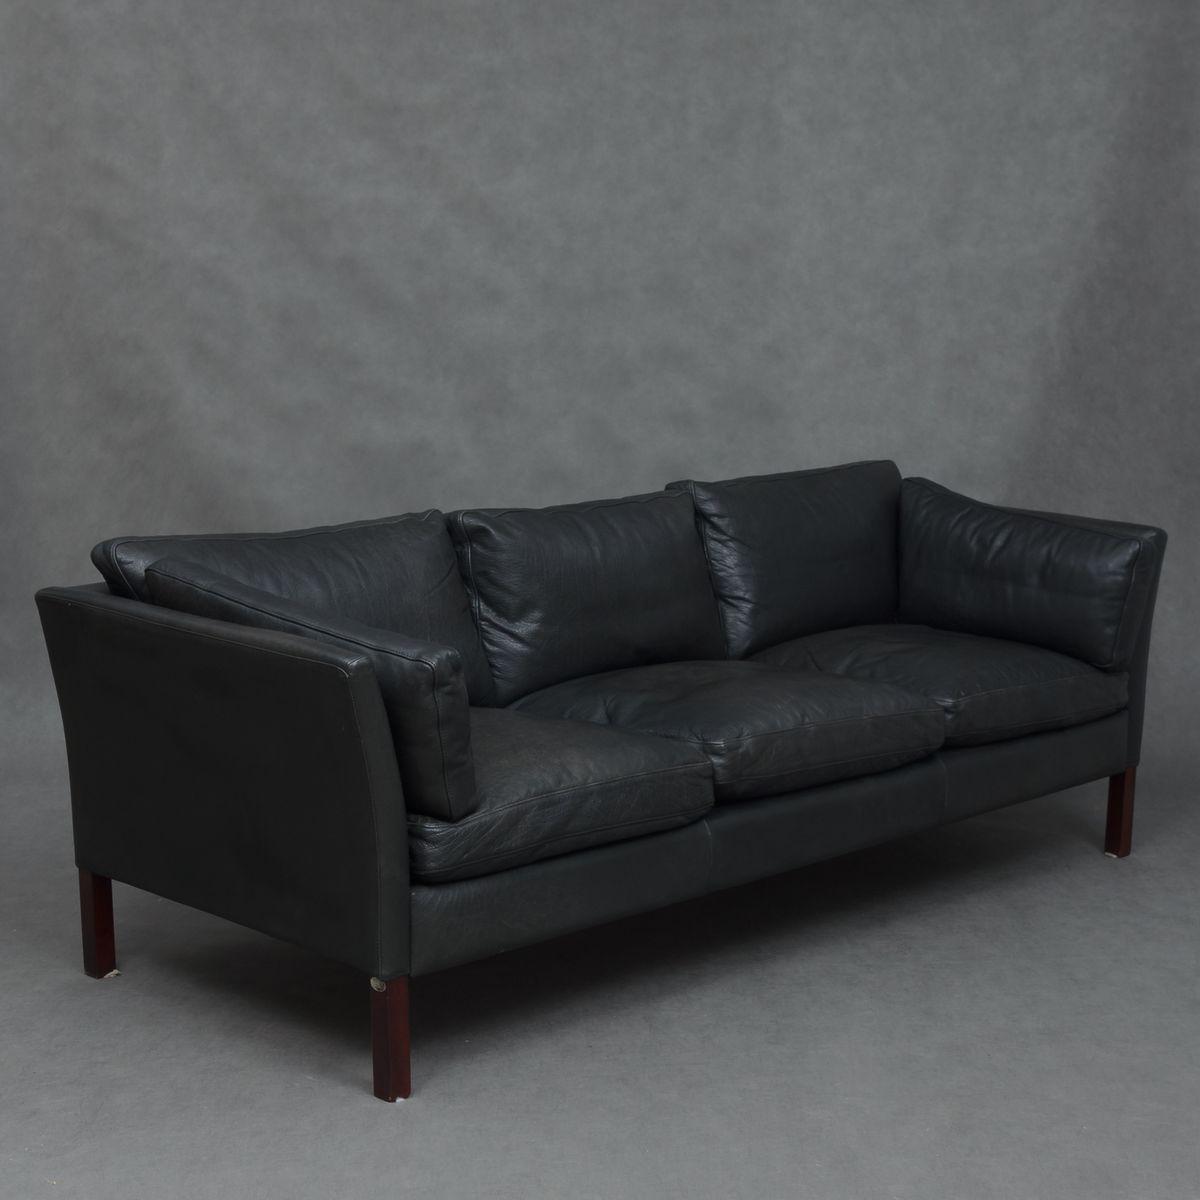 Vintage Black Leather Sofa Teachfamilies Org ~ Vintage Black Leather Sofa